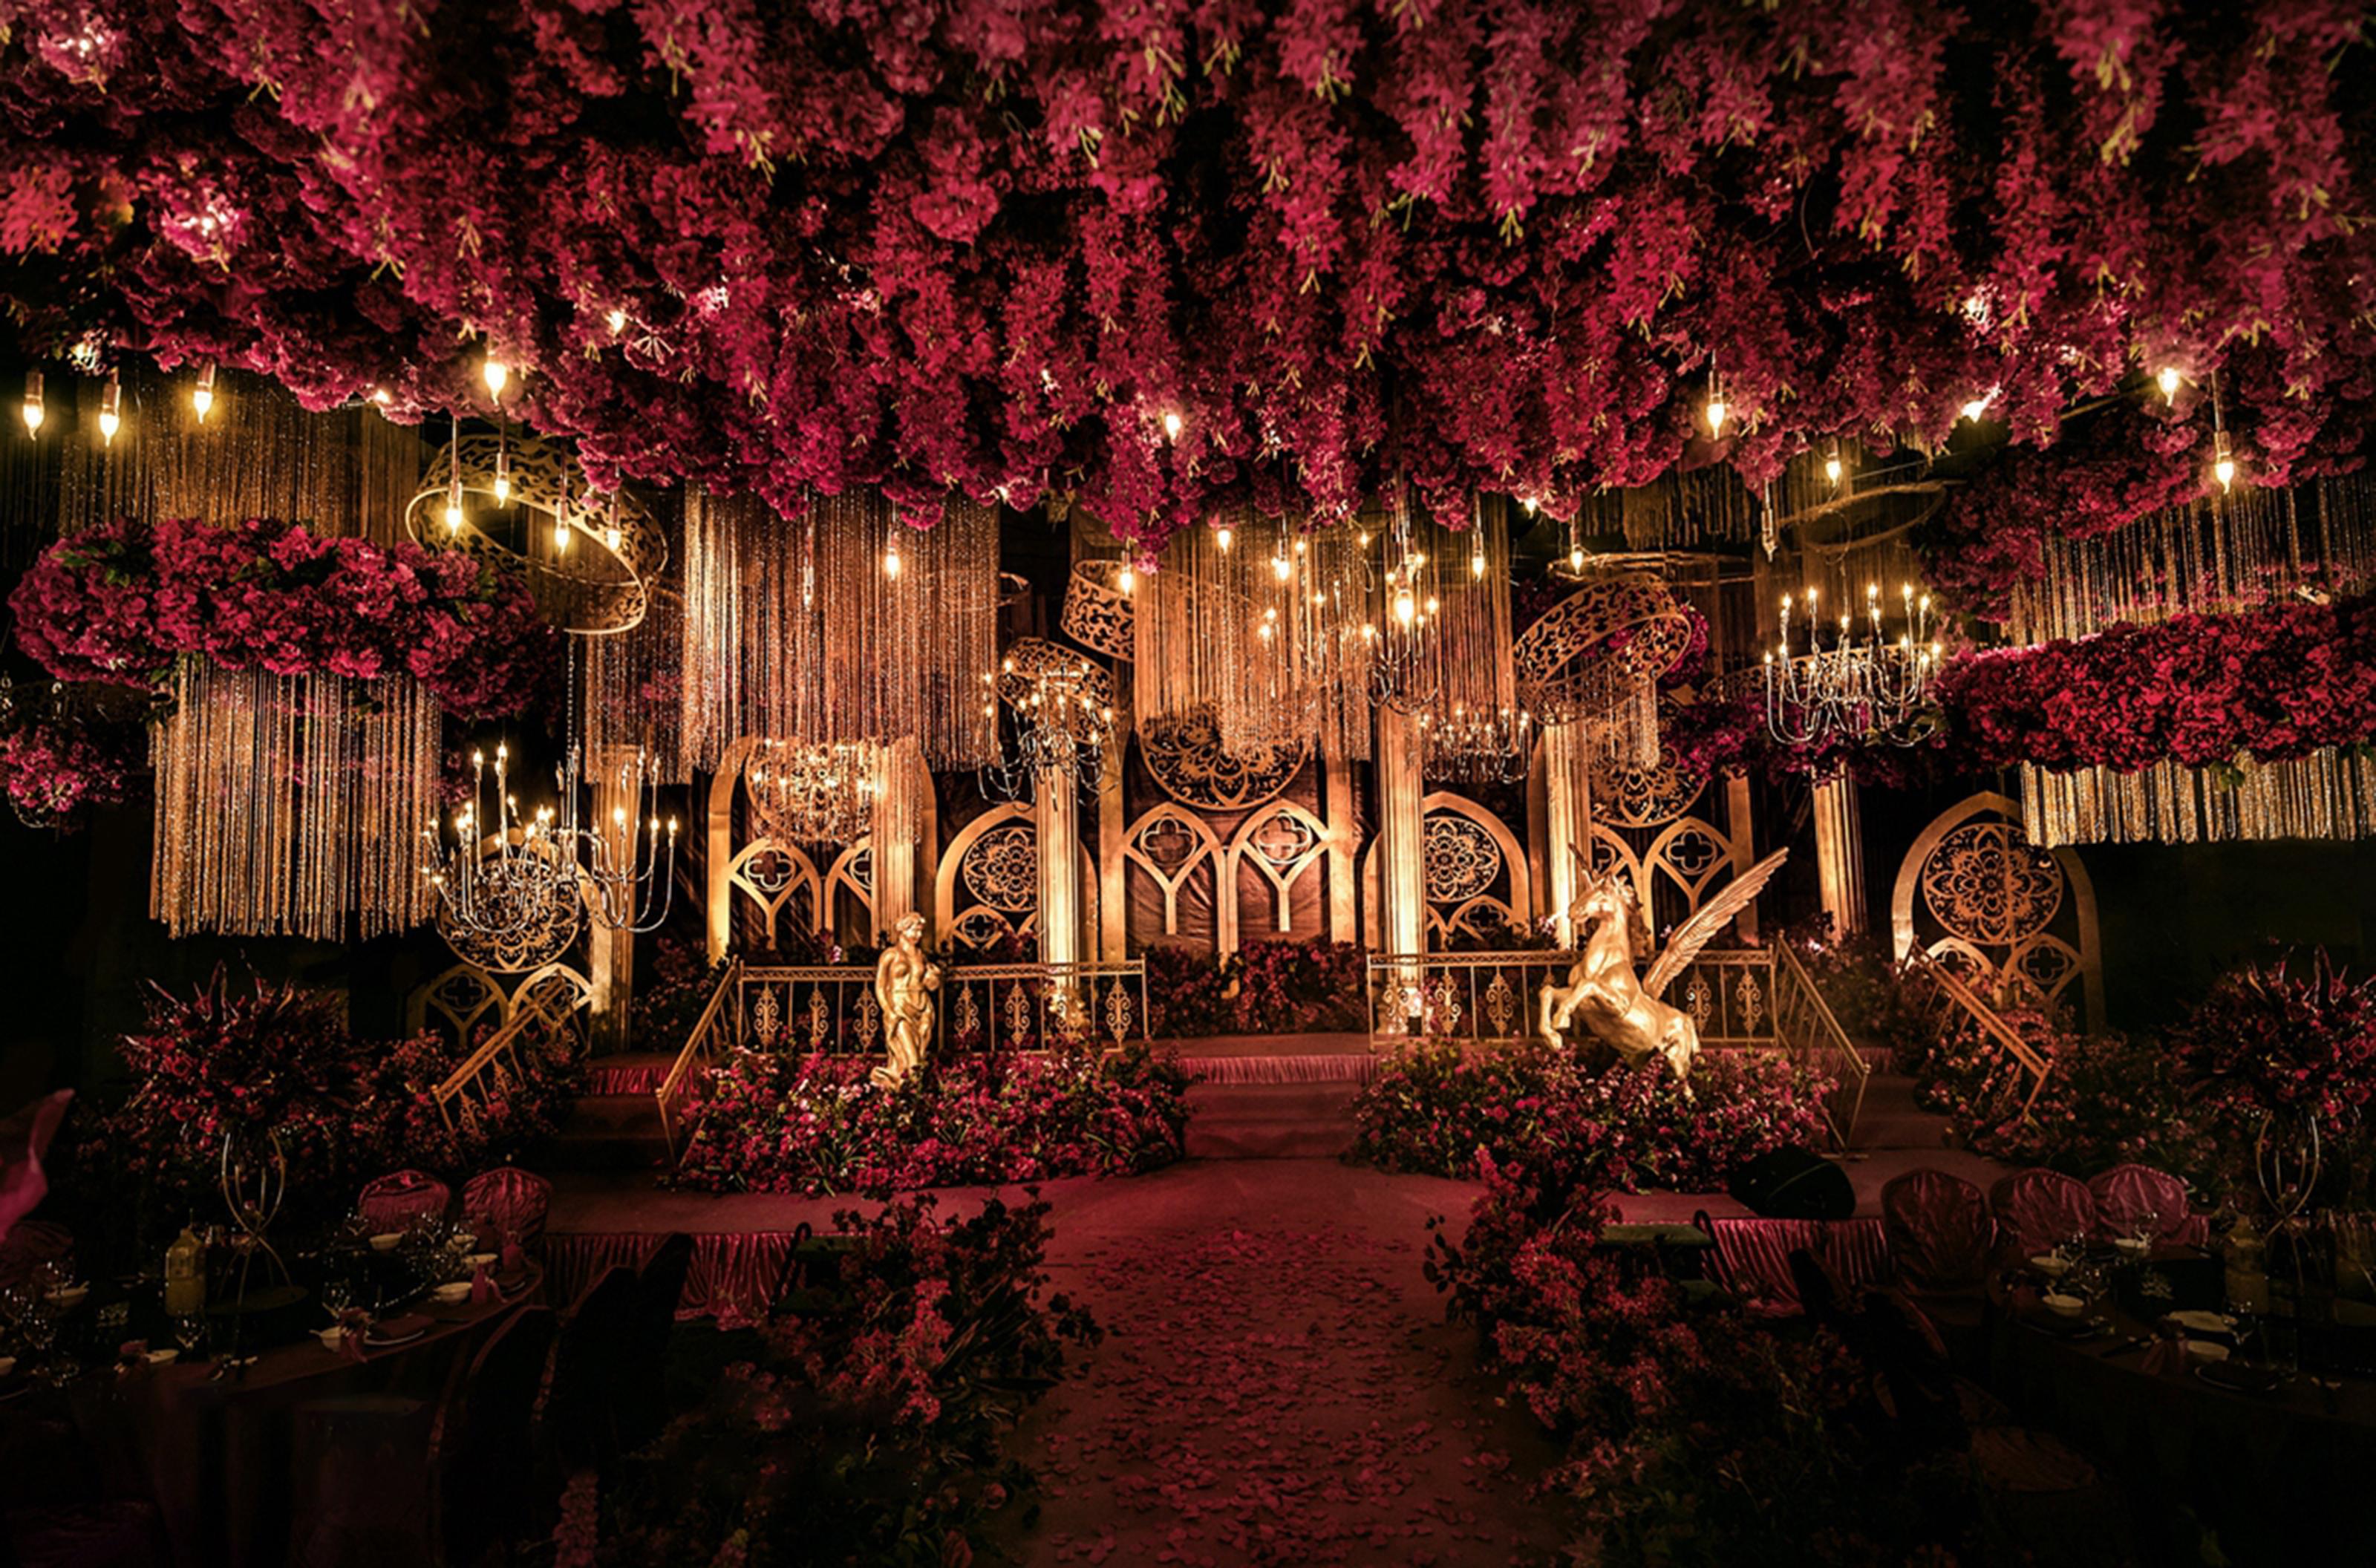 欧式城堡主题婚礼|高端定制奢华梦幻婚礼一站式服务